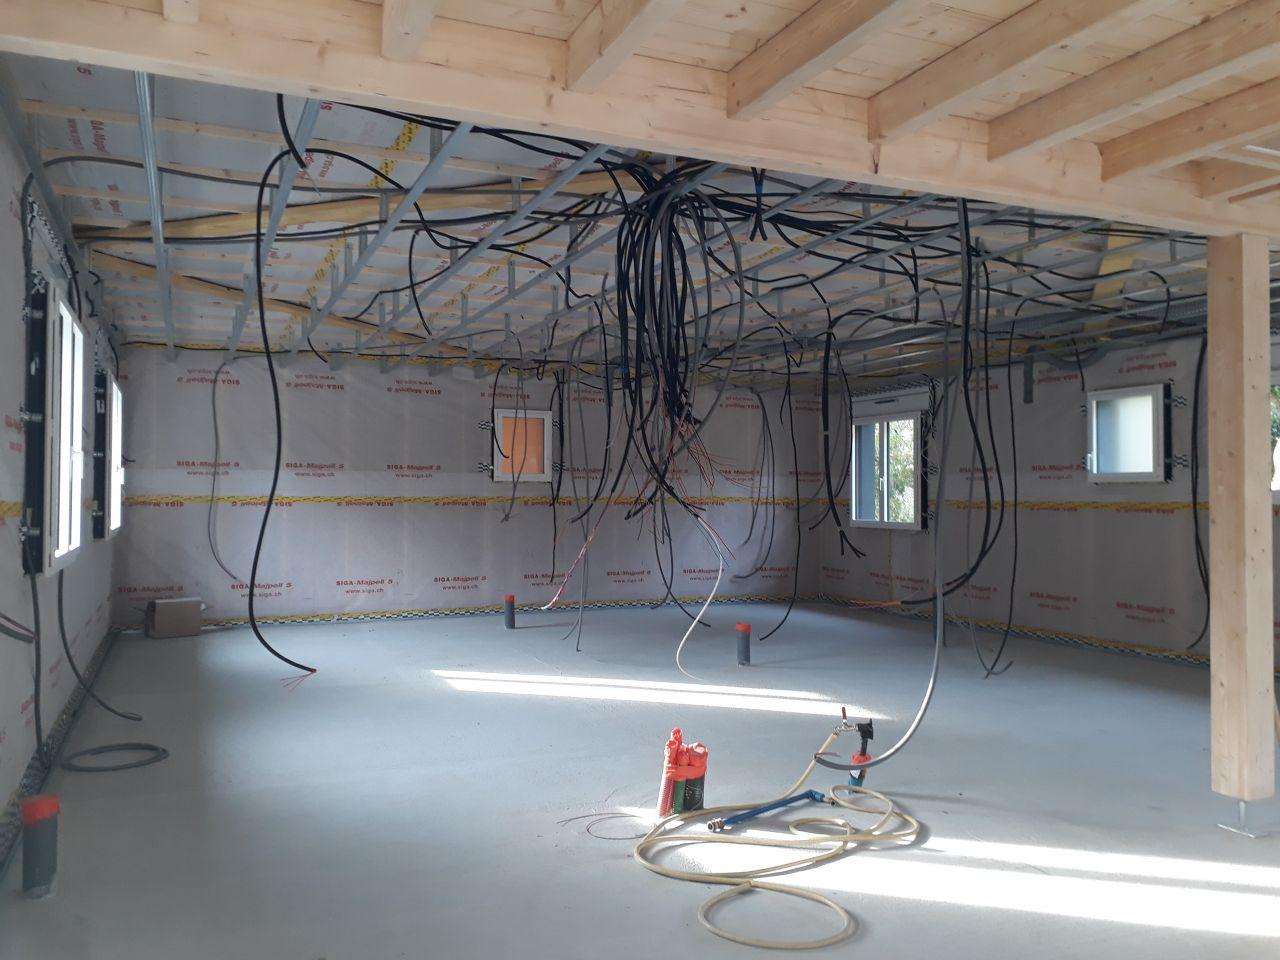 Une idée du passage des gaines sur les rails du placo... une vraie toile d?araignée!